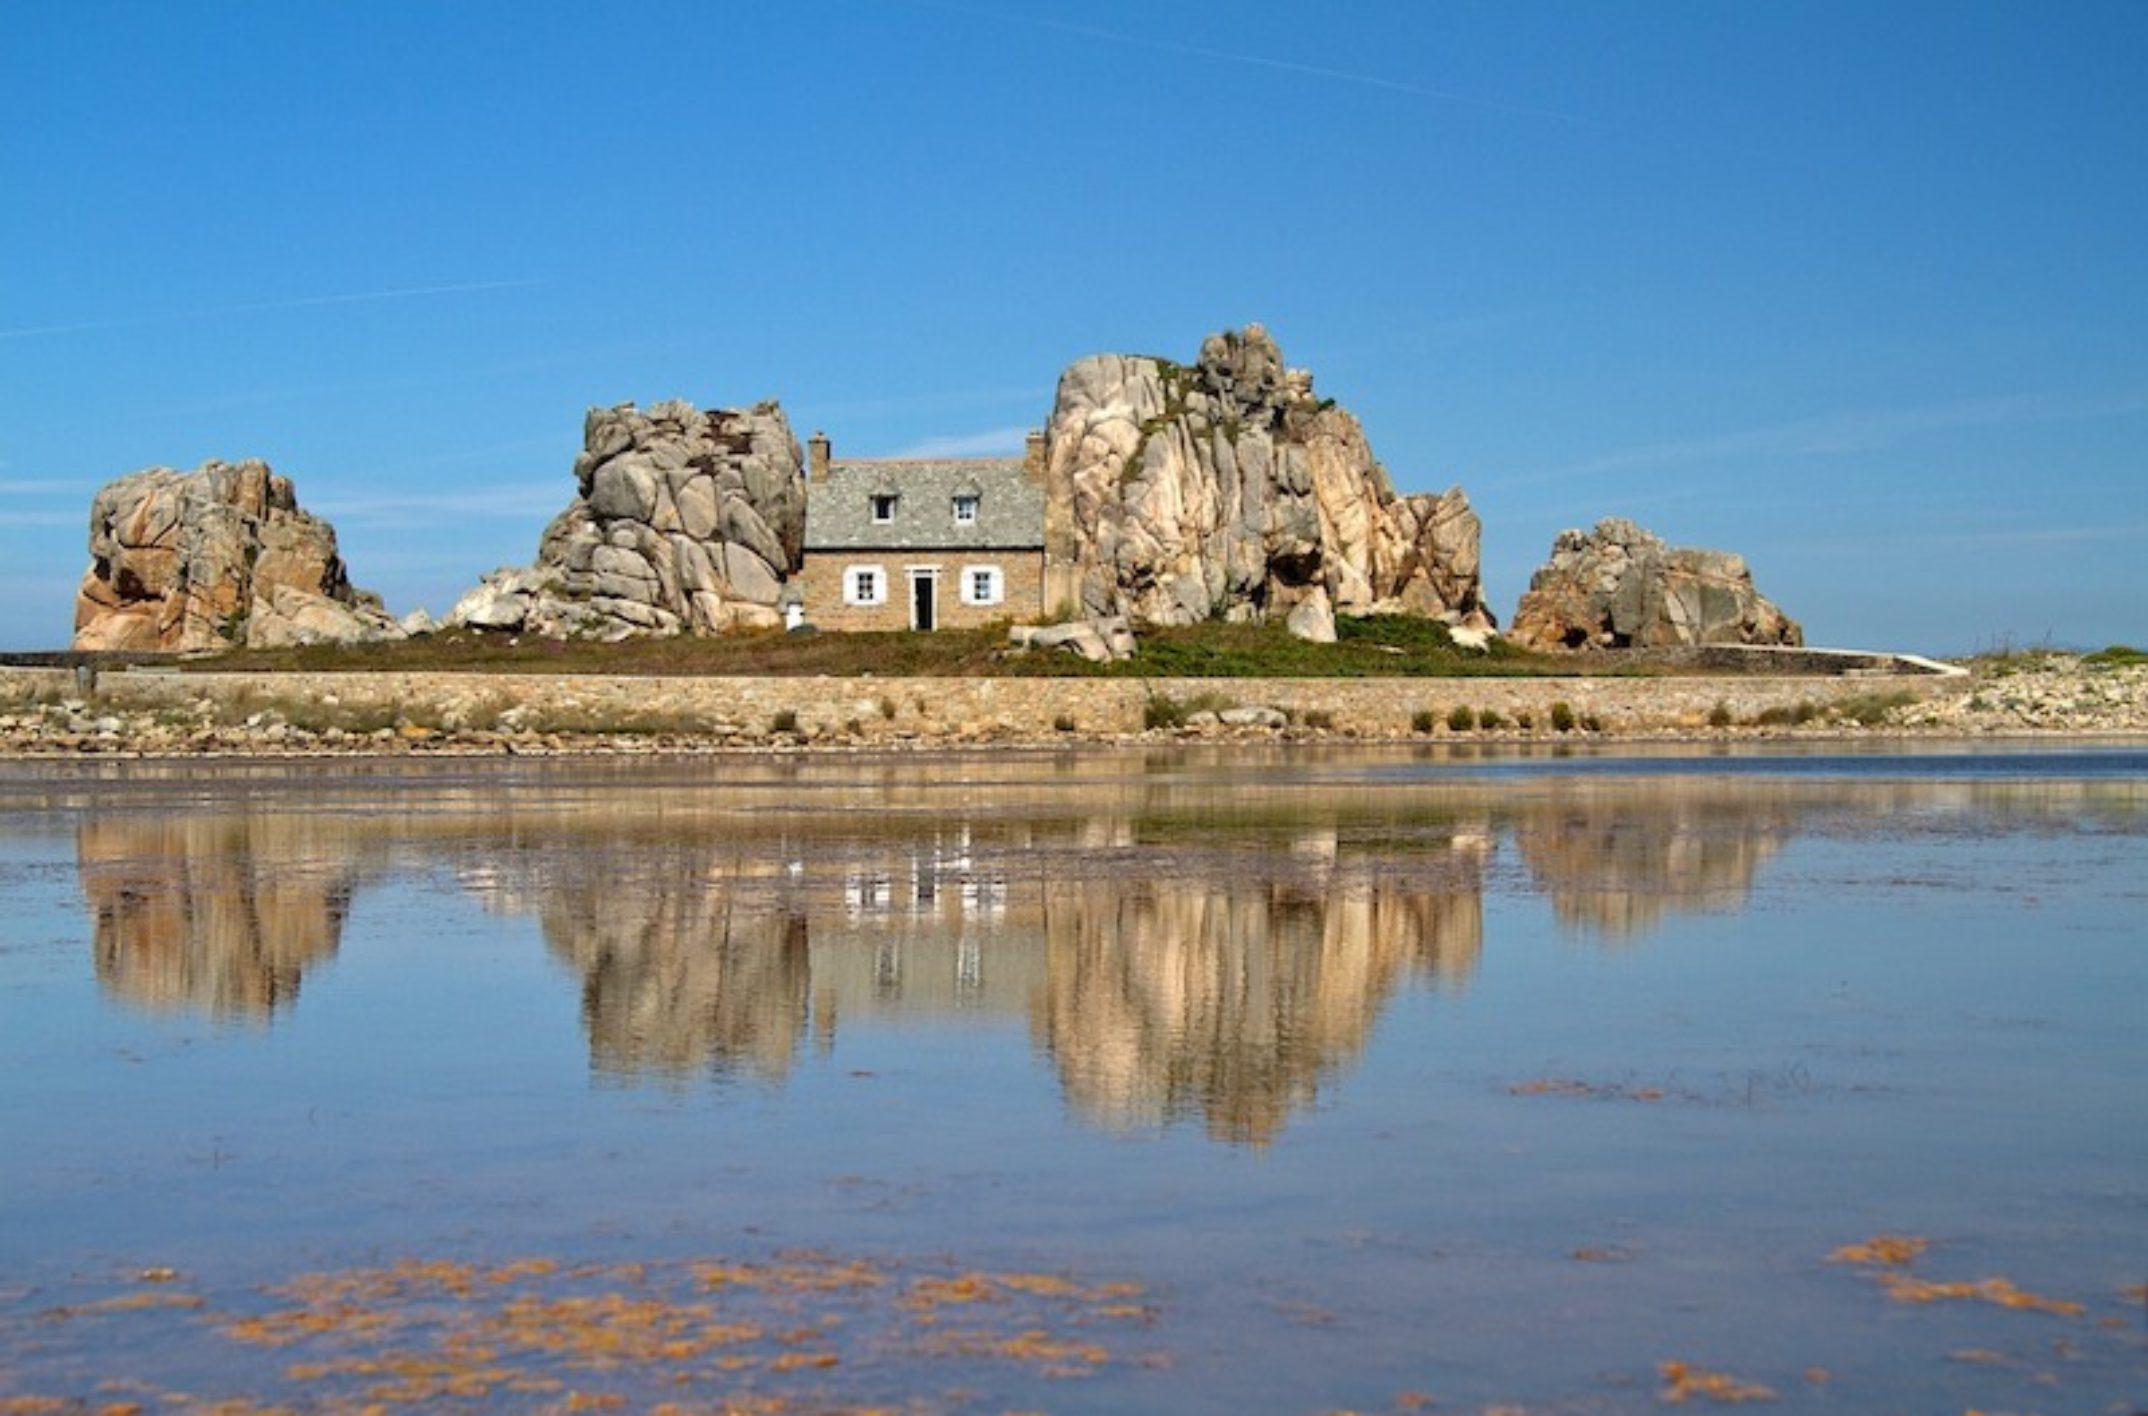 Idée de vacances : partir en famille dans une maison de charme bretonne